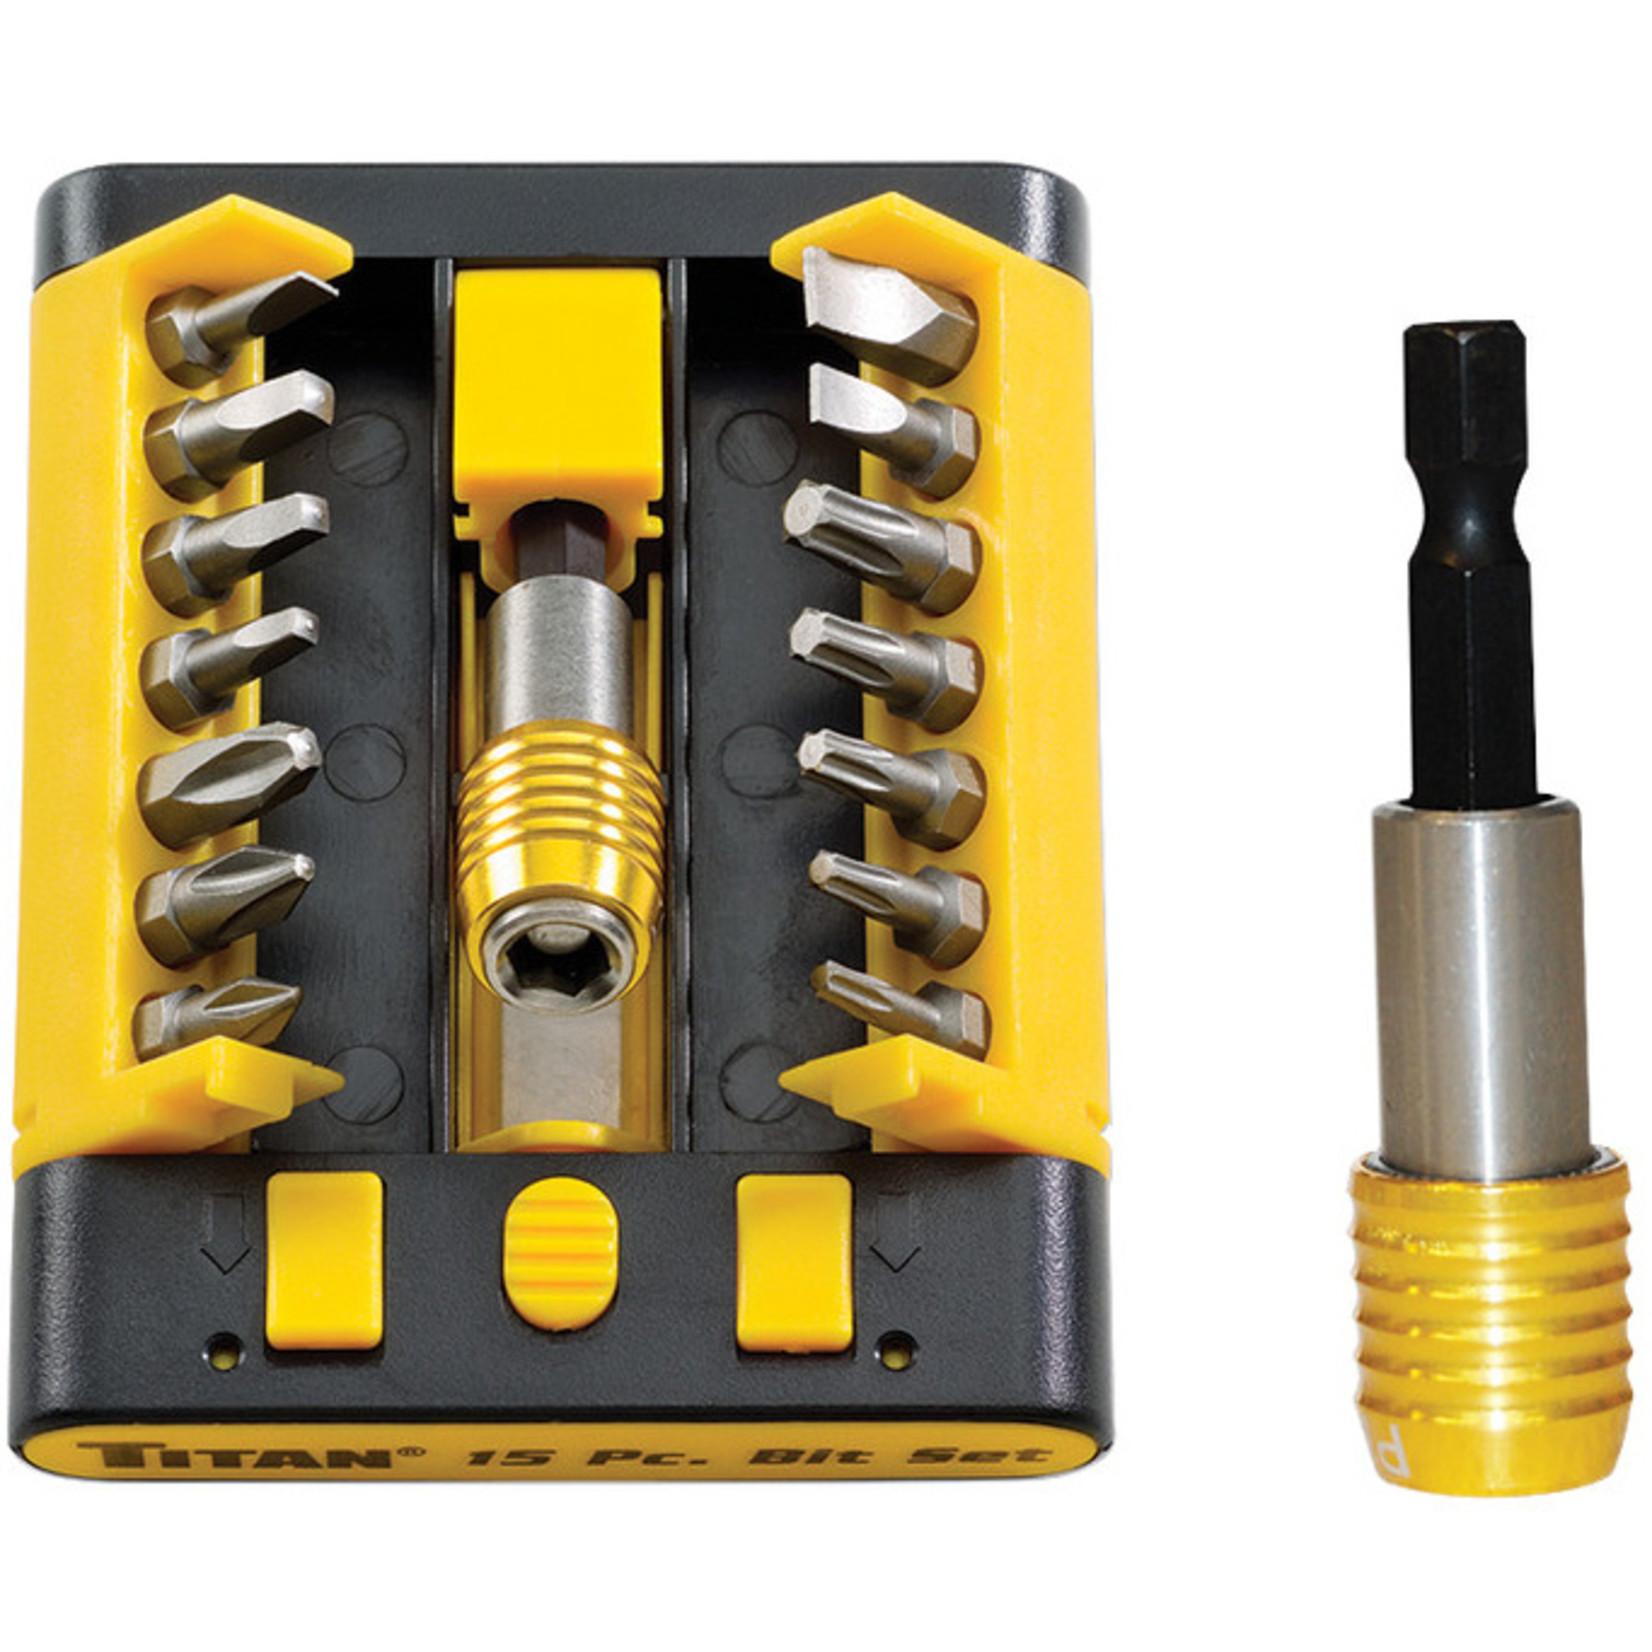 Buck Buck 15-delige hex tool set voor de Buck TOPS en Buck CSAR